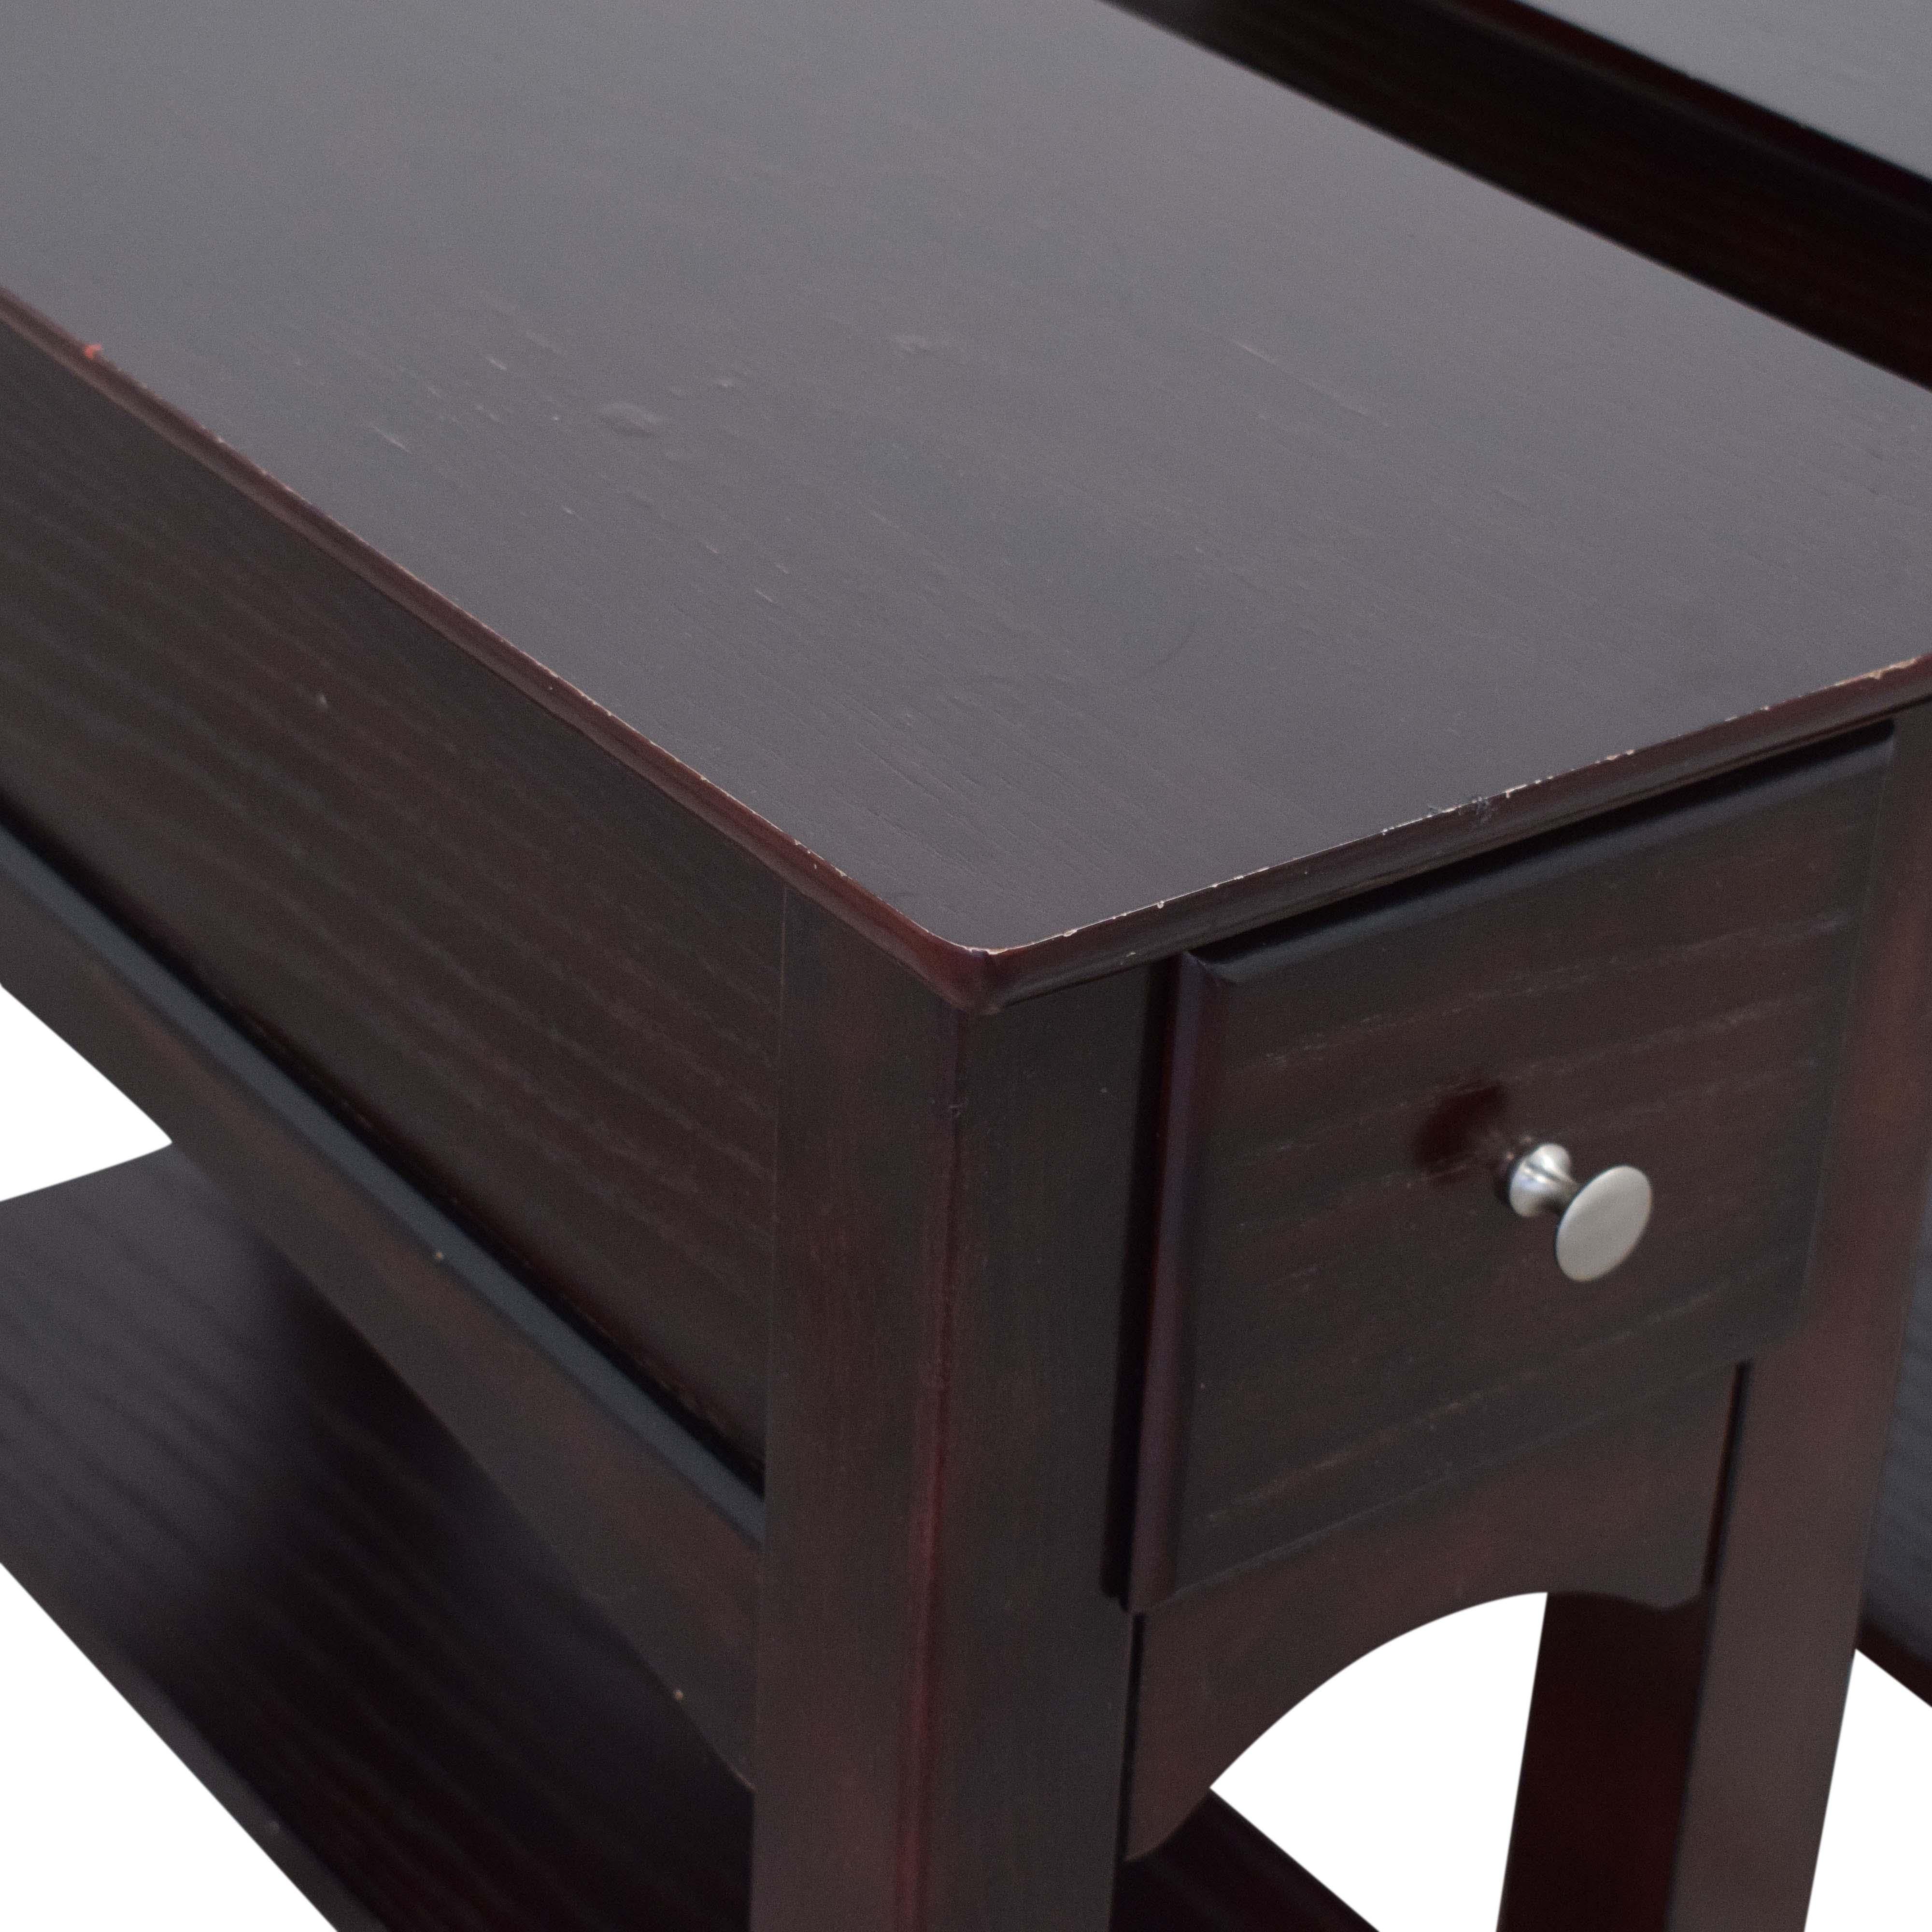 Riverside Furniture Riverside Furniture Metro II End Tables price